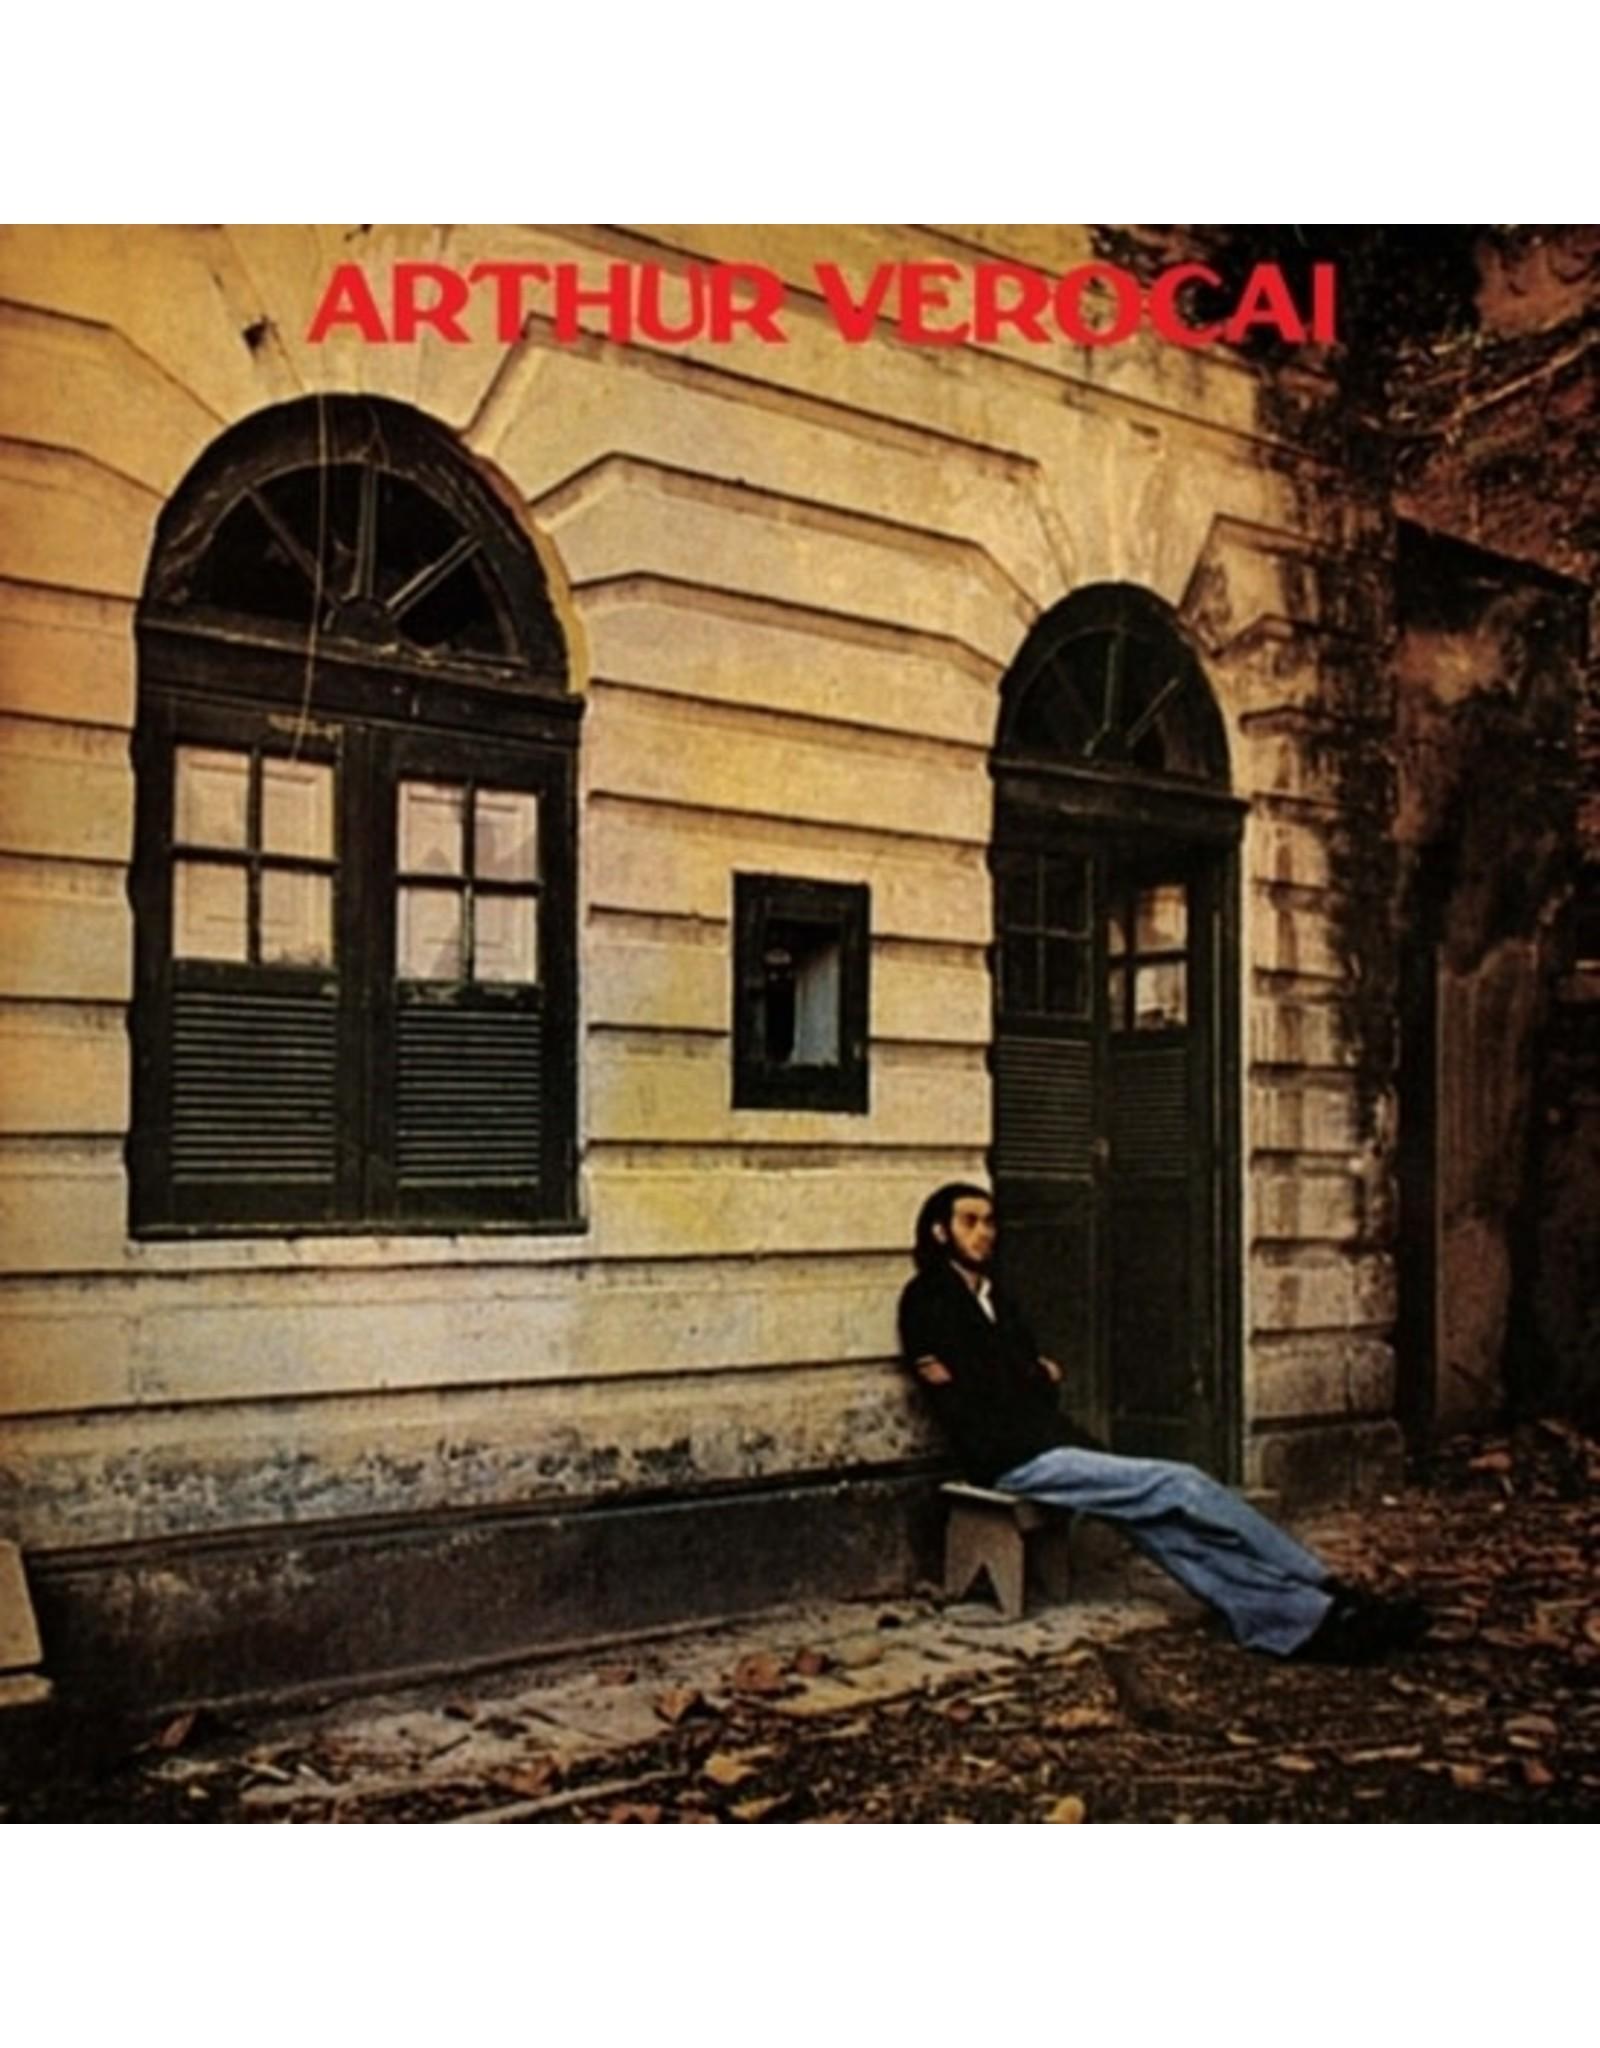 Mr. Bongo Verocai, Arthur: Arthur Verocai LP